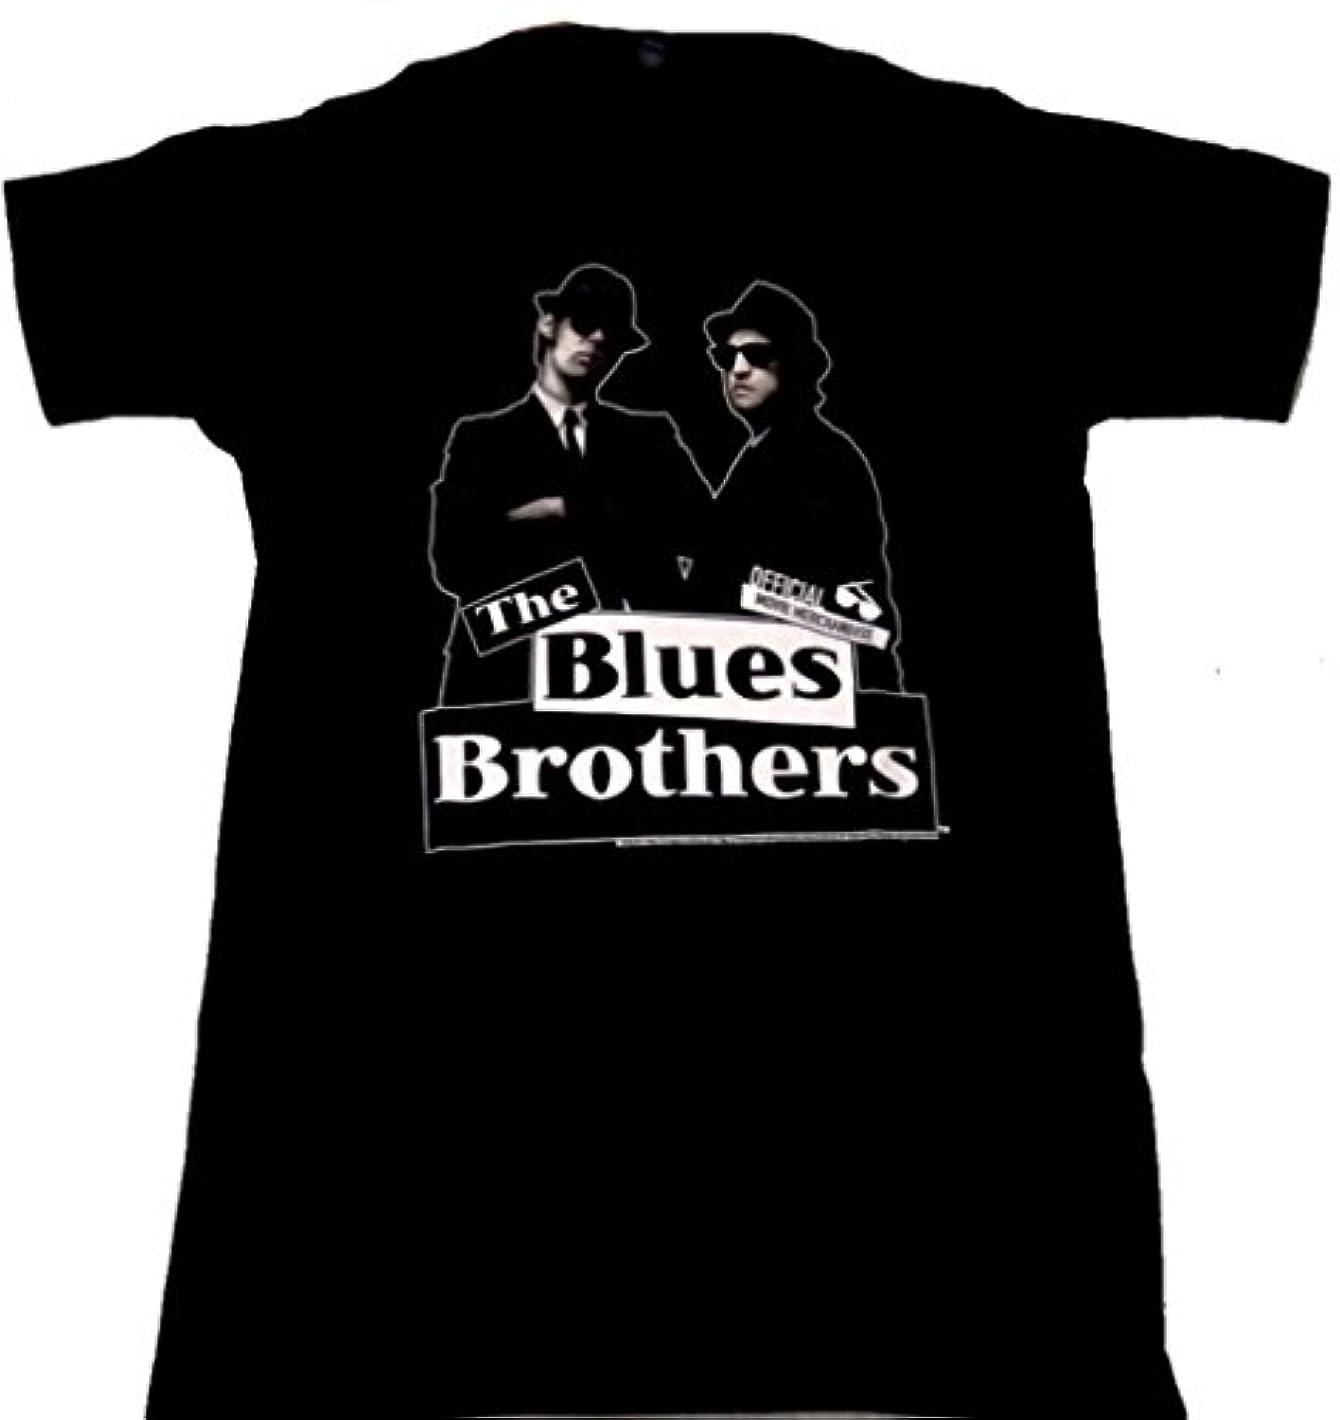 ディスク永久ビクター【BLUES BROTHERS】ブルースブラザーズ Tシャツ#1